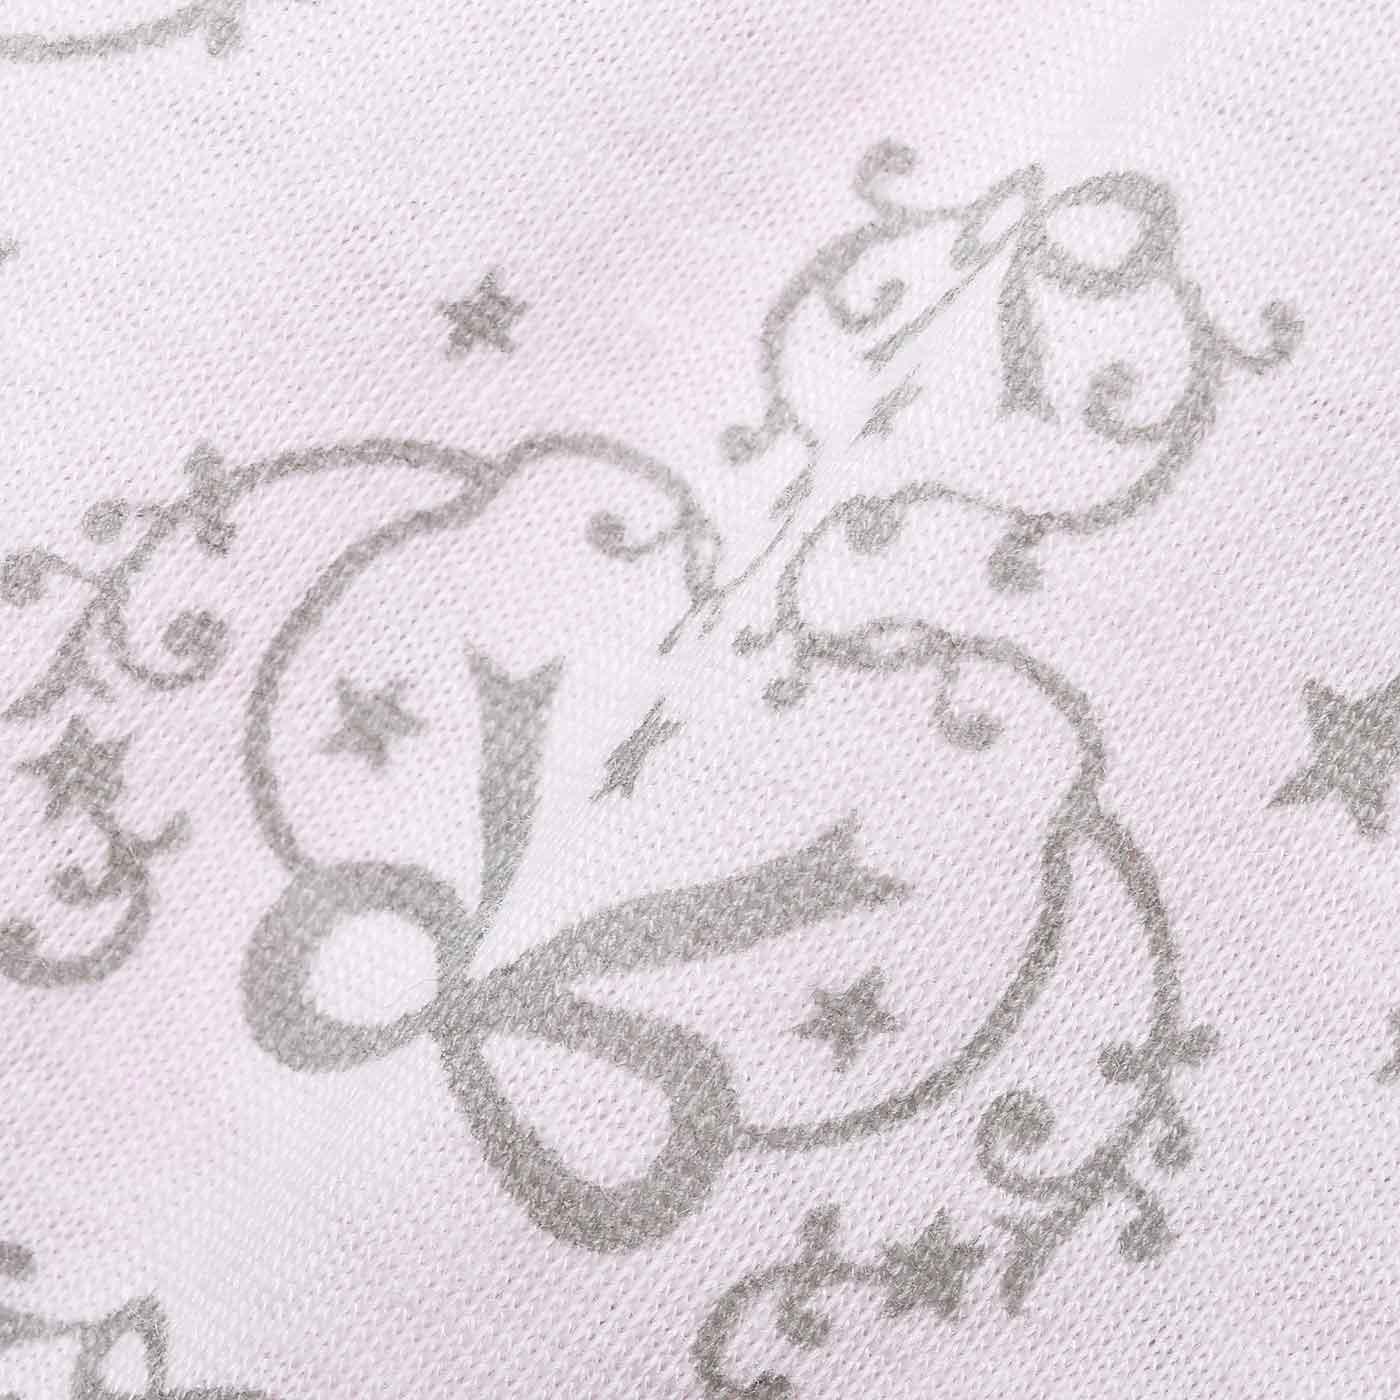 やわやかなカットソー生地に、外国の女の子のお部屋の壁紙みたいなモチーフをプリント。